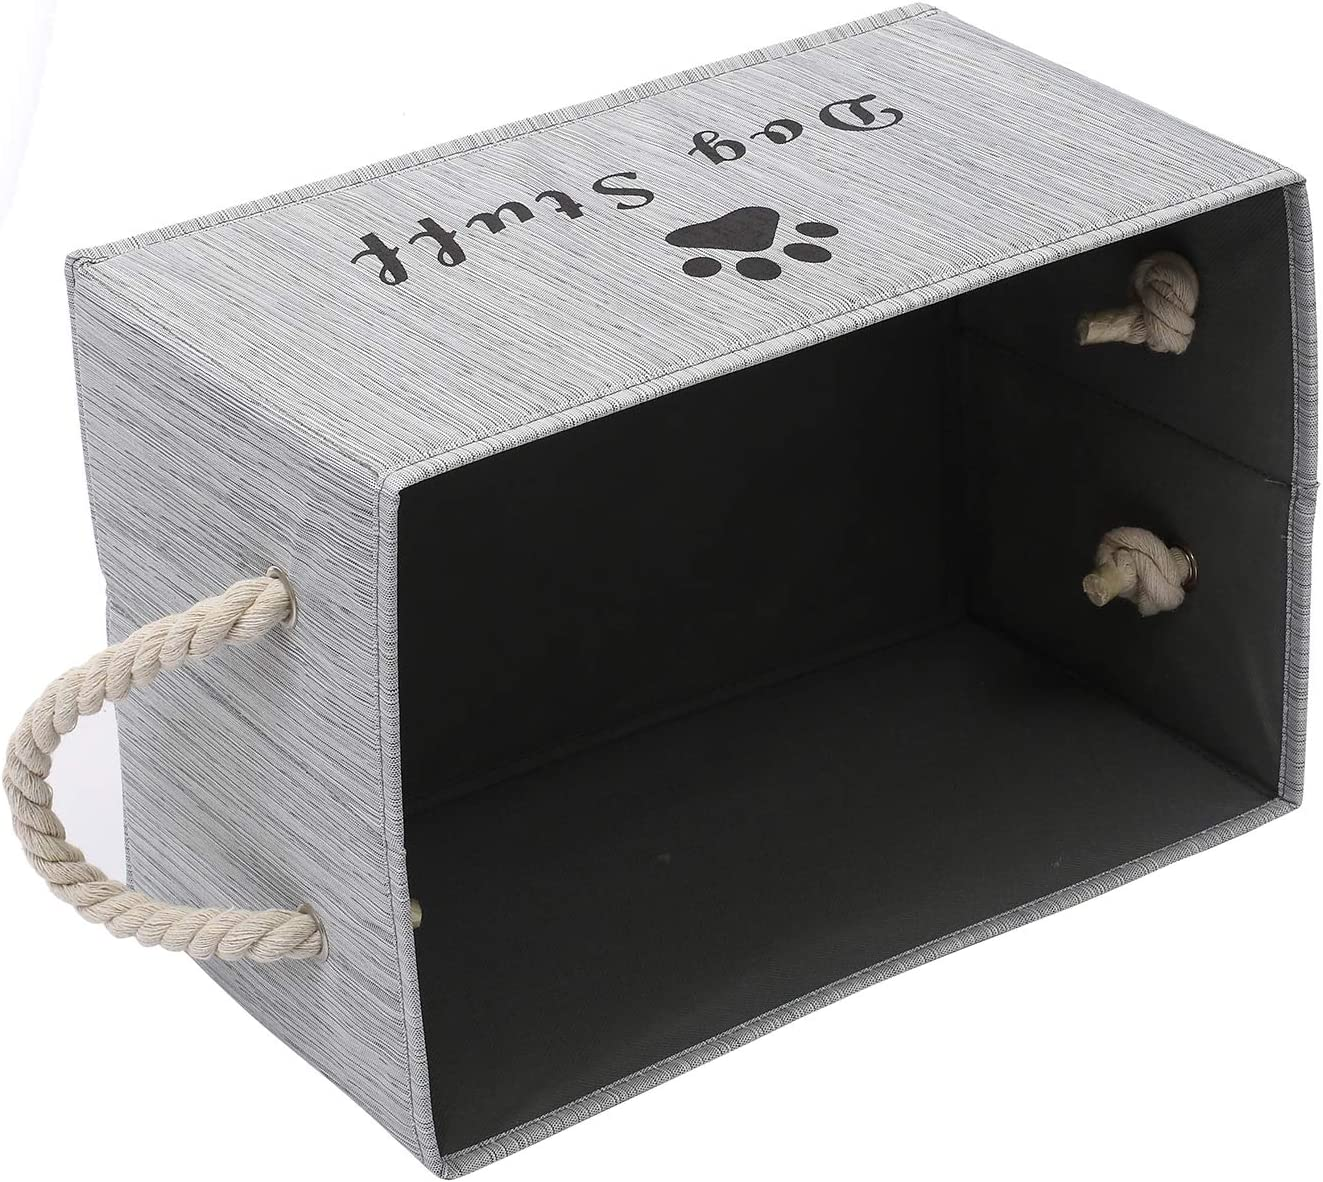 con Mango de Cuerda de algod/ón Xbopetda Organizador Grande de Tela para Perros Ropa de Perro Cesta de Cubo Plegable para Juguetes de Perro cestas de Regalo